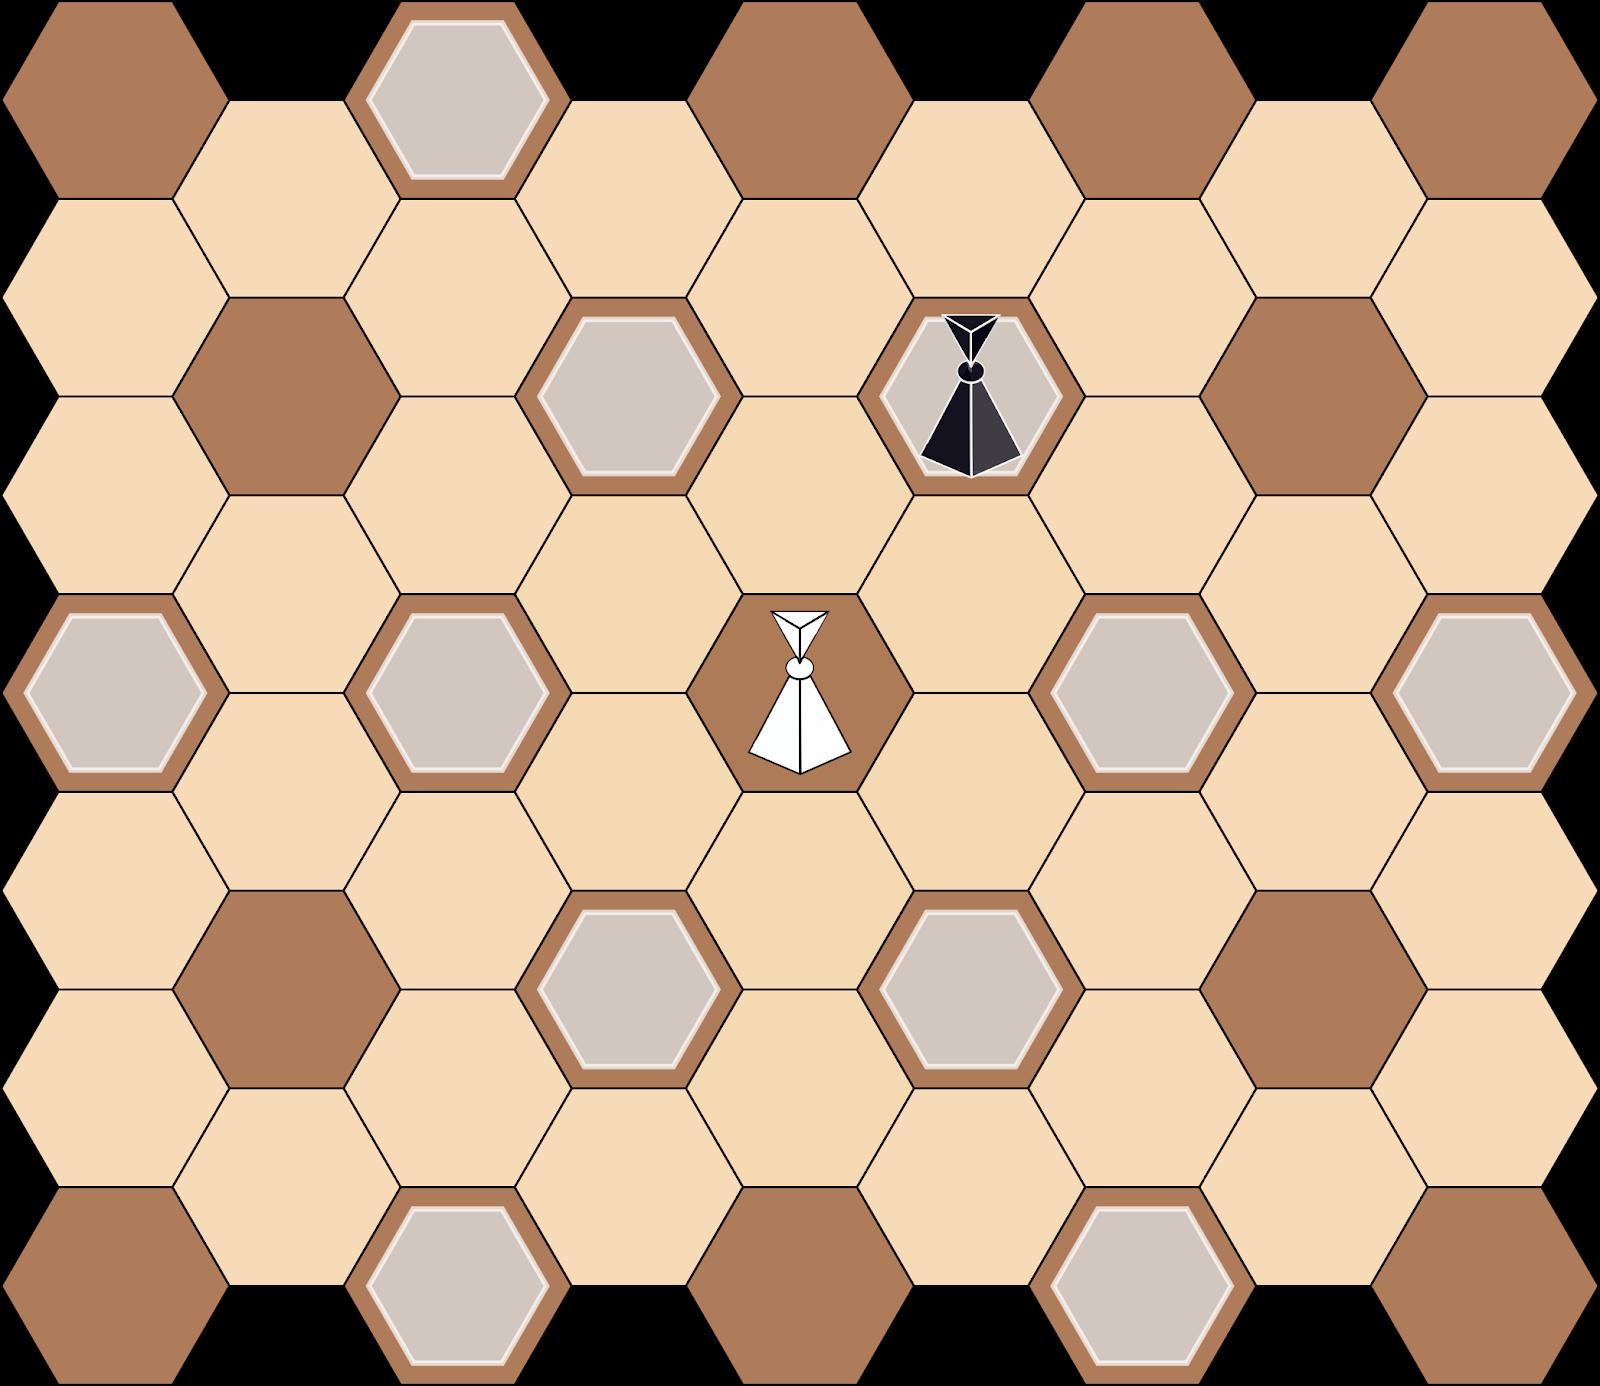 4 угла хорошо, а 6 лучше: гексагональные шахматы в консоли и с ботом - 7